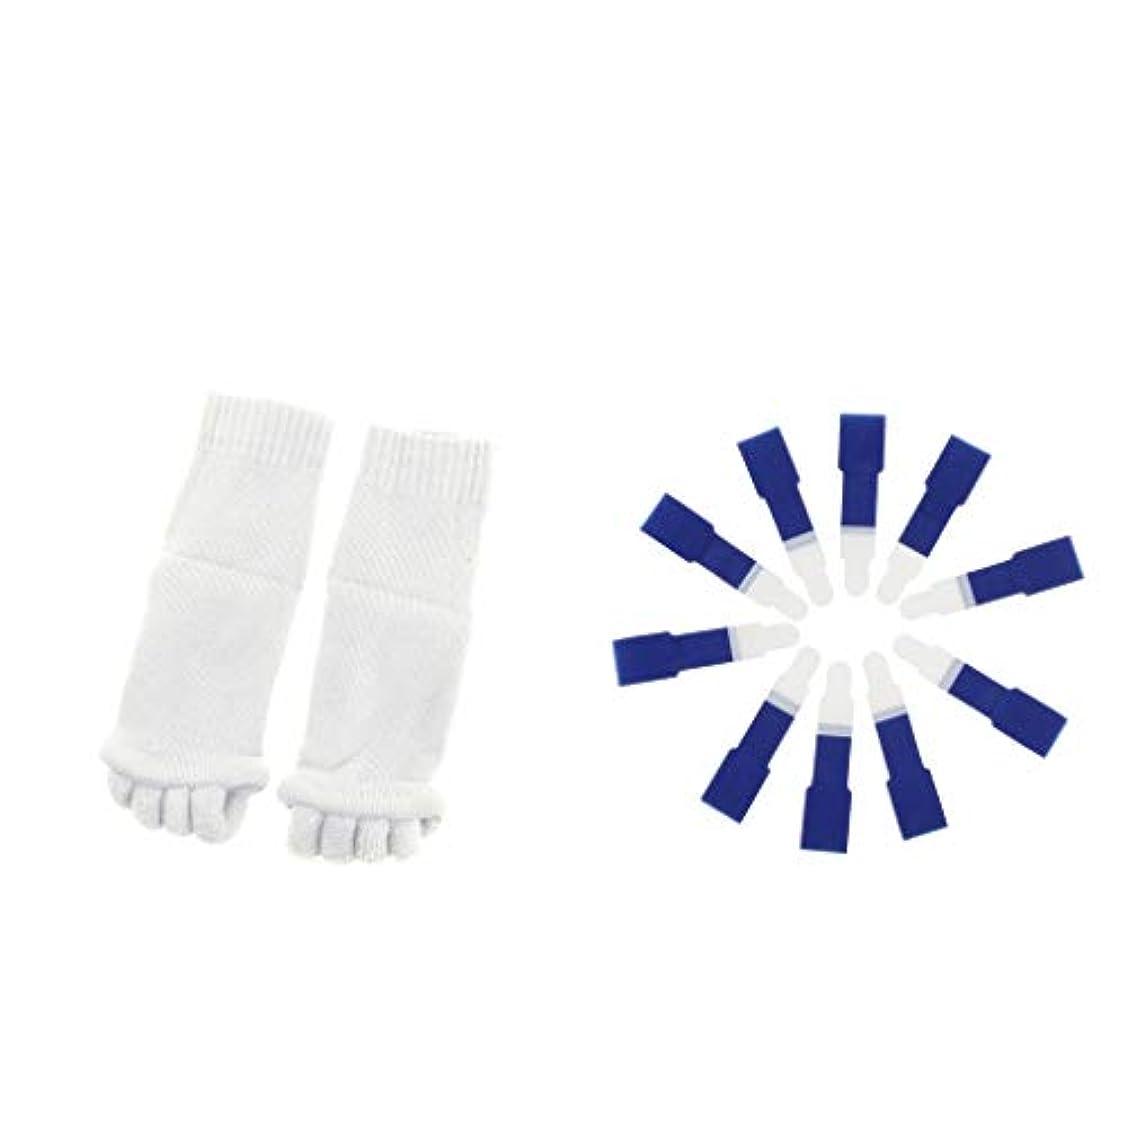 フェンス冊子マネージャーdailymall ヨガジムスポーツソックスと洗えるハンマーつま先セパレータースプリント包帯